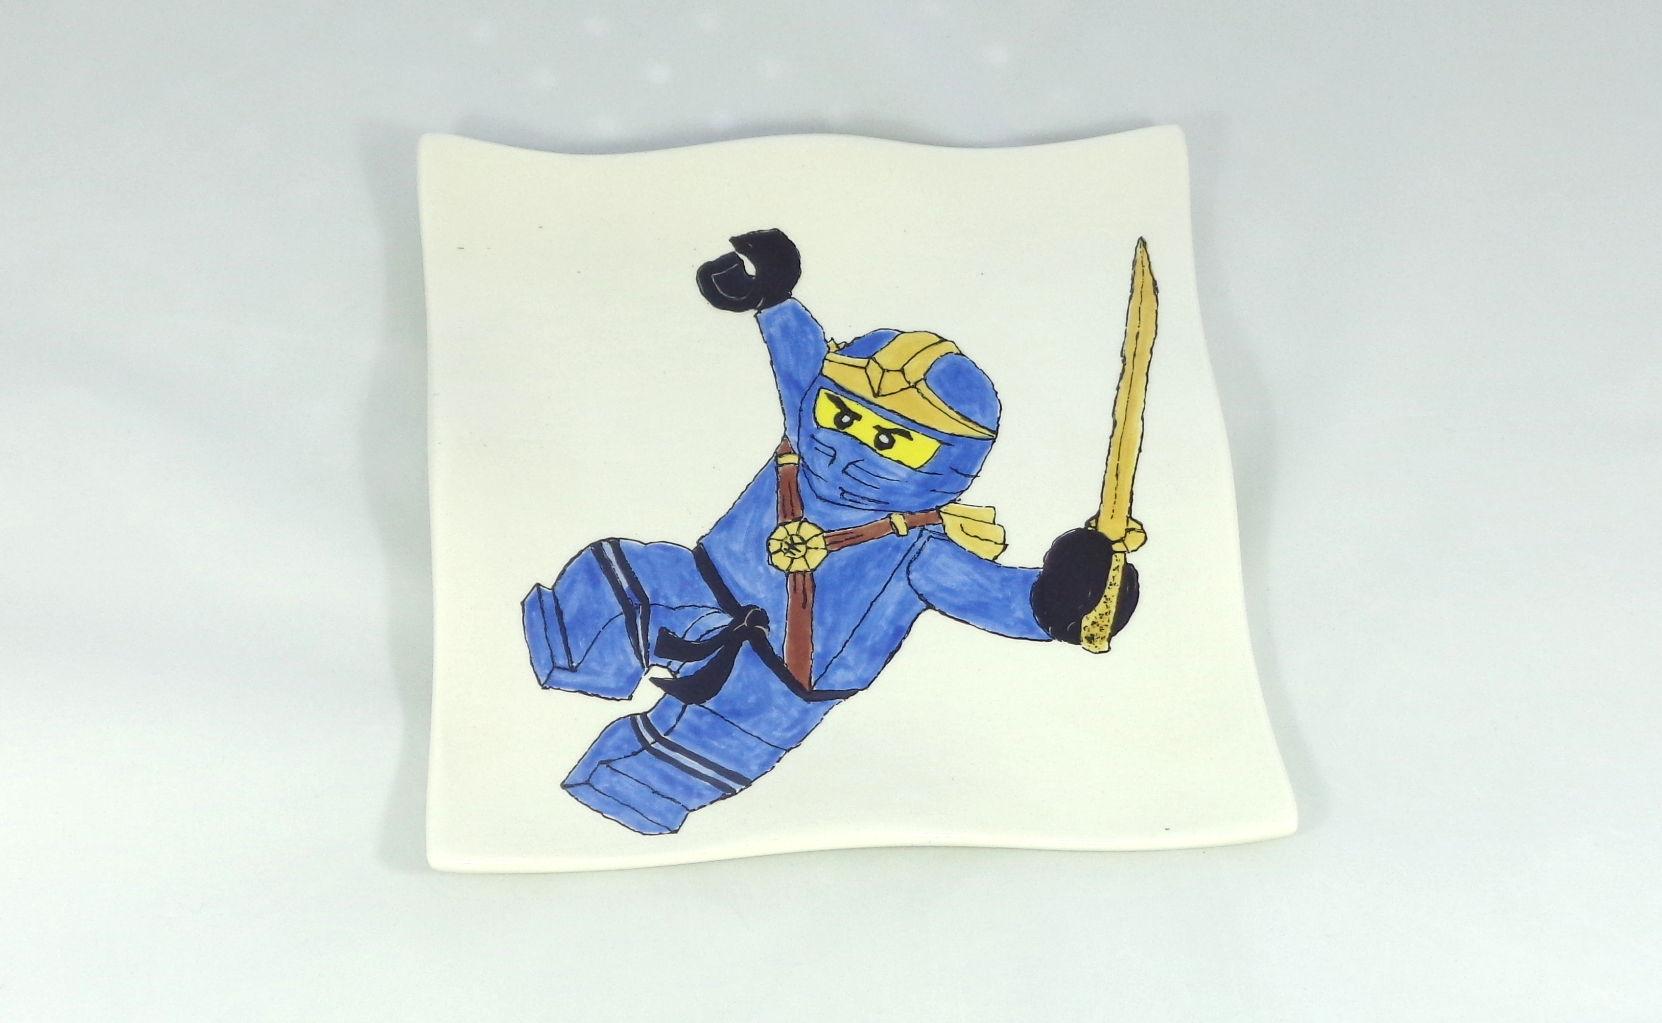 Bemalte Keramik Wellenteller blauer Ninja